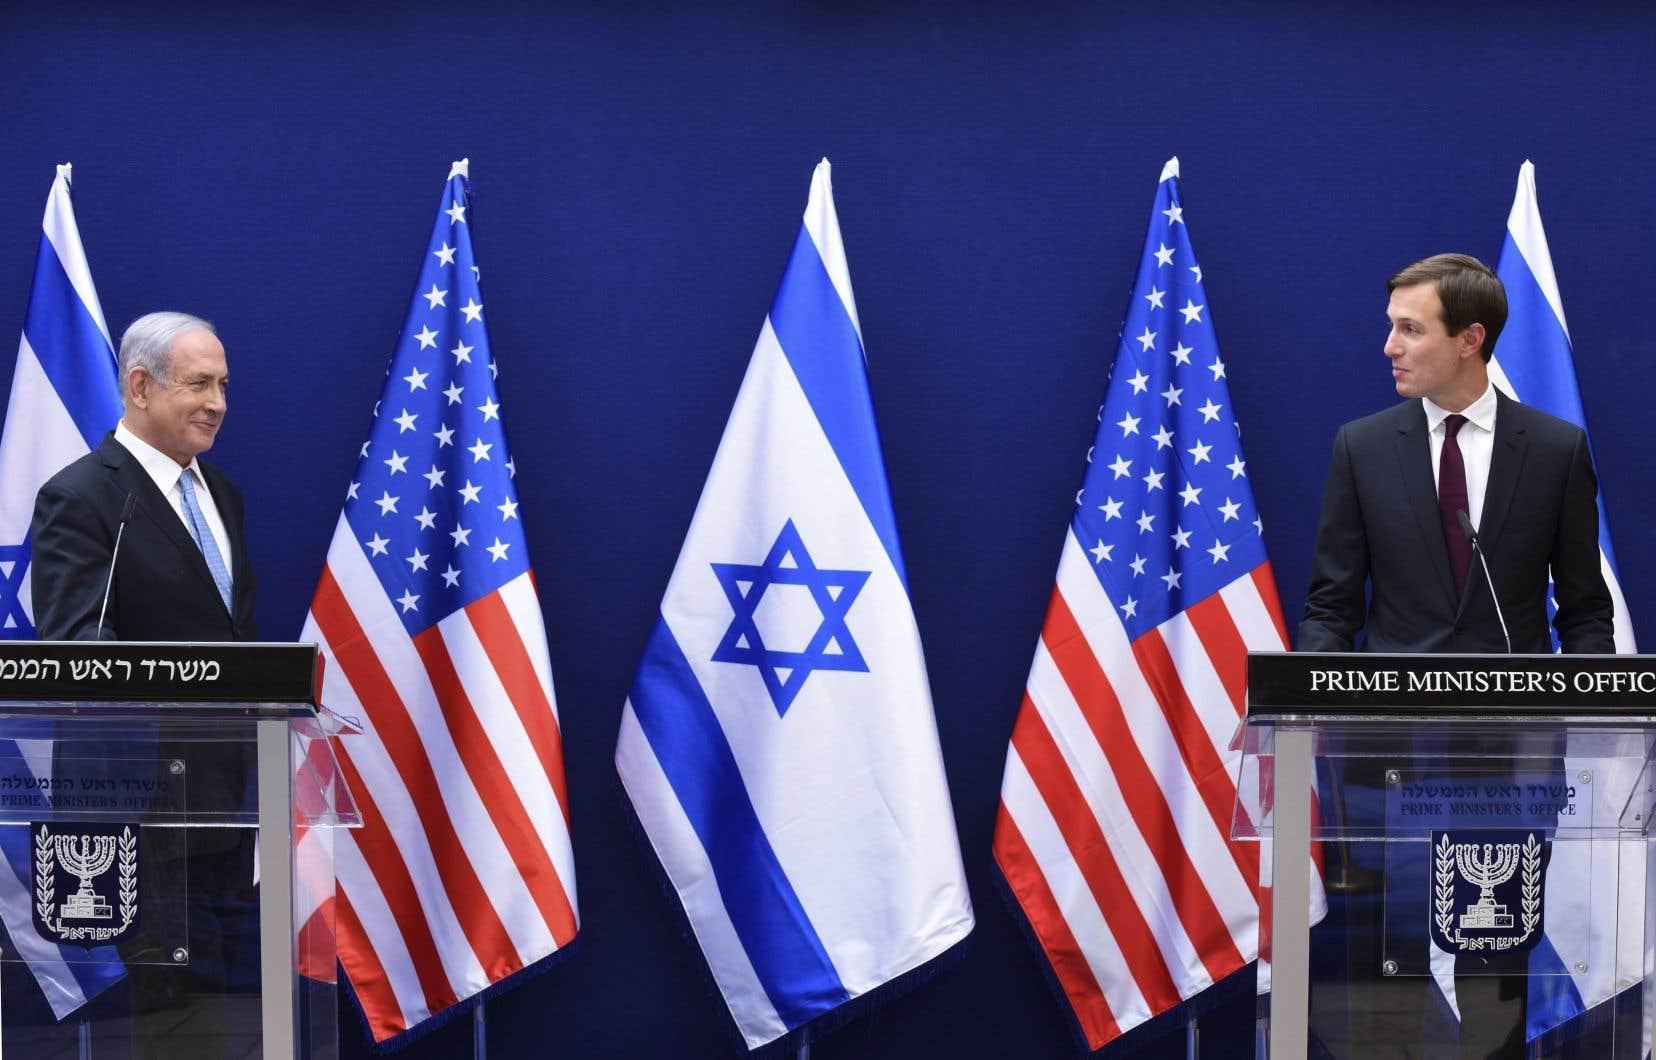 Le premier  ministre israélien Benjamin Nétanyahou et Jared Kushner, conseiller à la Maison-Blanche et gendre du président  Donald Trump. Le plan de paix américain au Moyen-Orient prévoit la création d'un État palestinien, mais sur un territoire réduit  en Cisjordanie occupée, dont environ 30%  serait annexé par Israël.